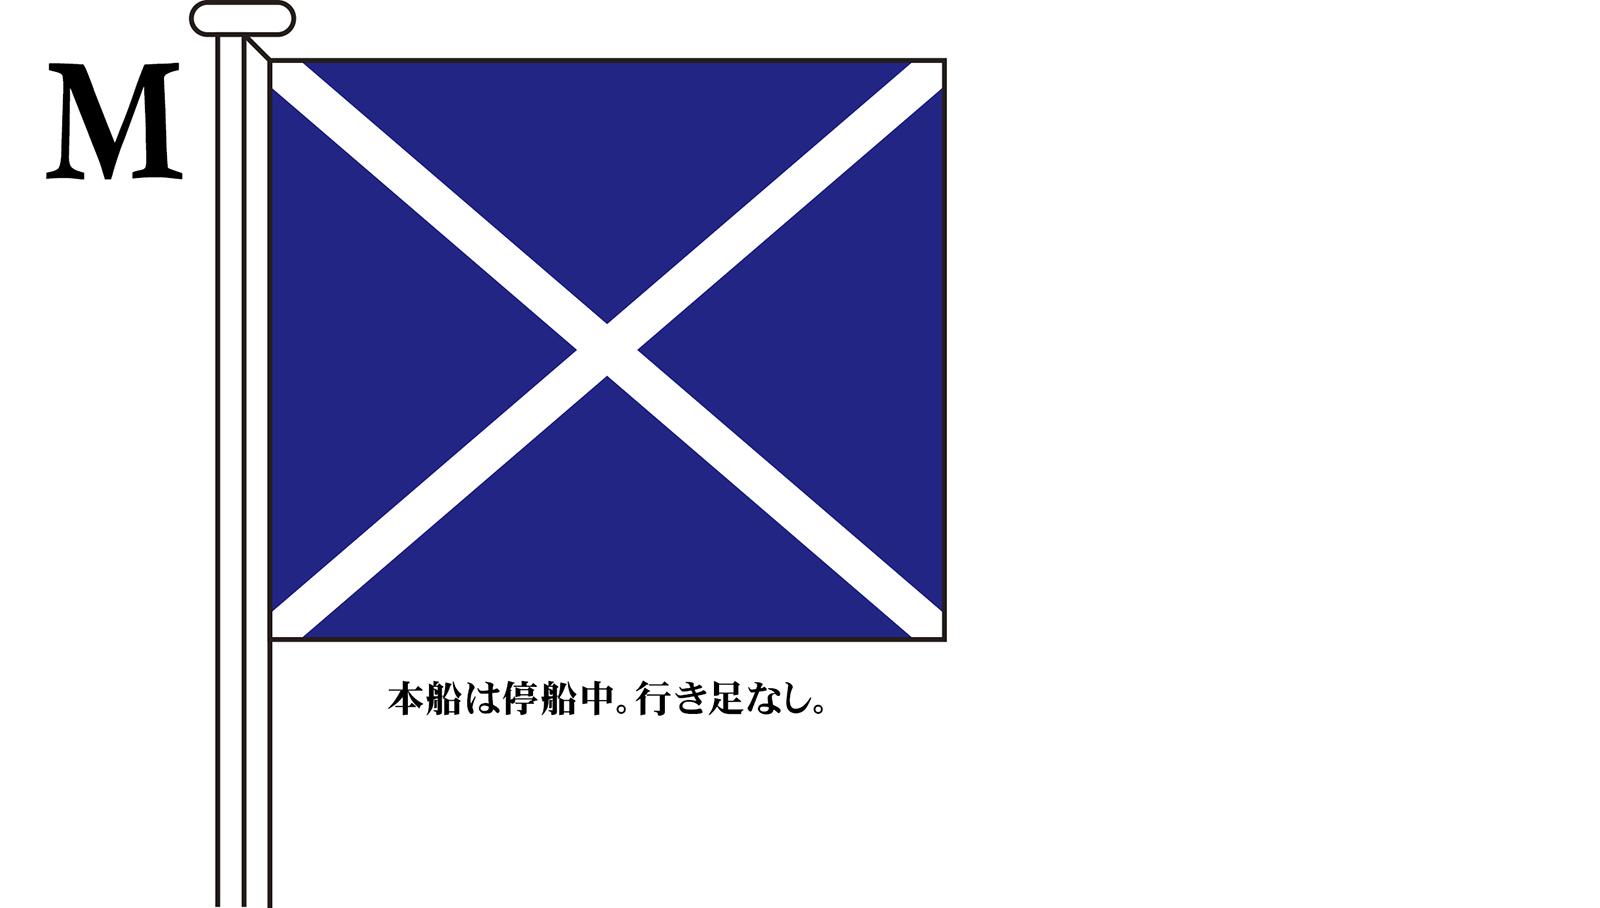 国際信号旗 文字旗 Alphabetical Flags【M】[3巾 中型:131×162cm・アクリル]